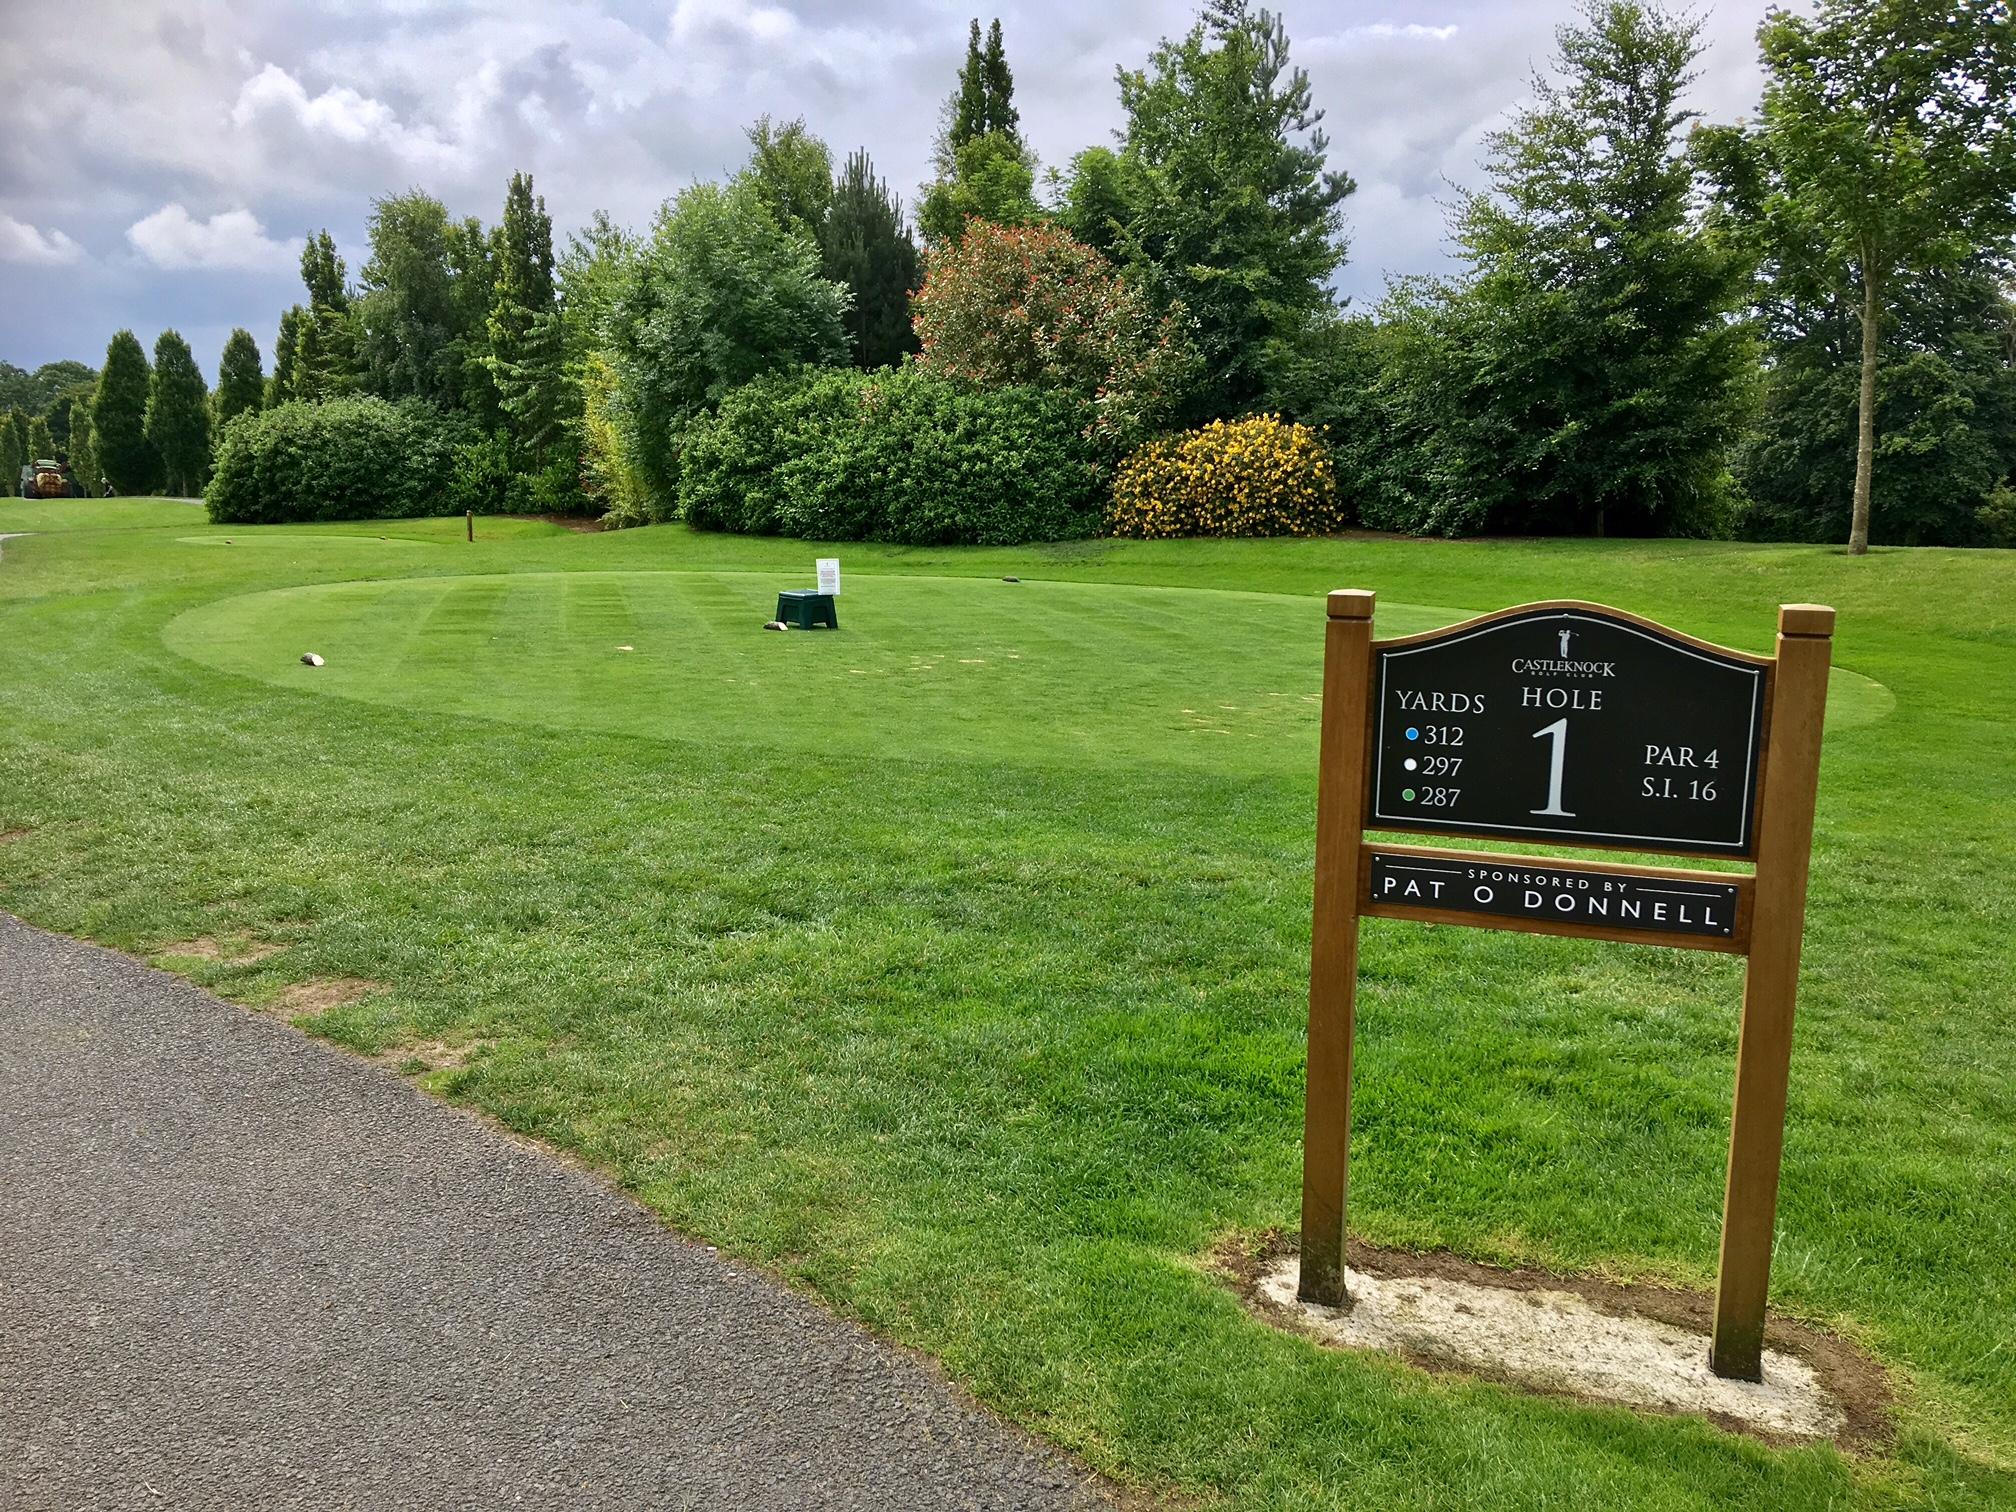 Mein Schiff Golfausflug: Auf in eine neue Runde, Castleknock Golf Club, Dublin